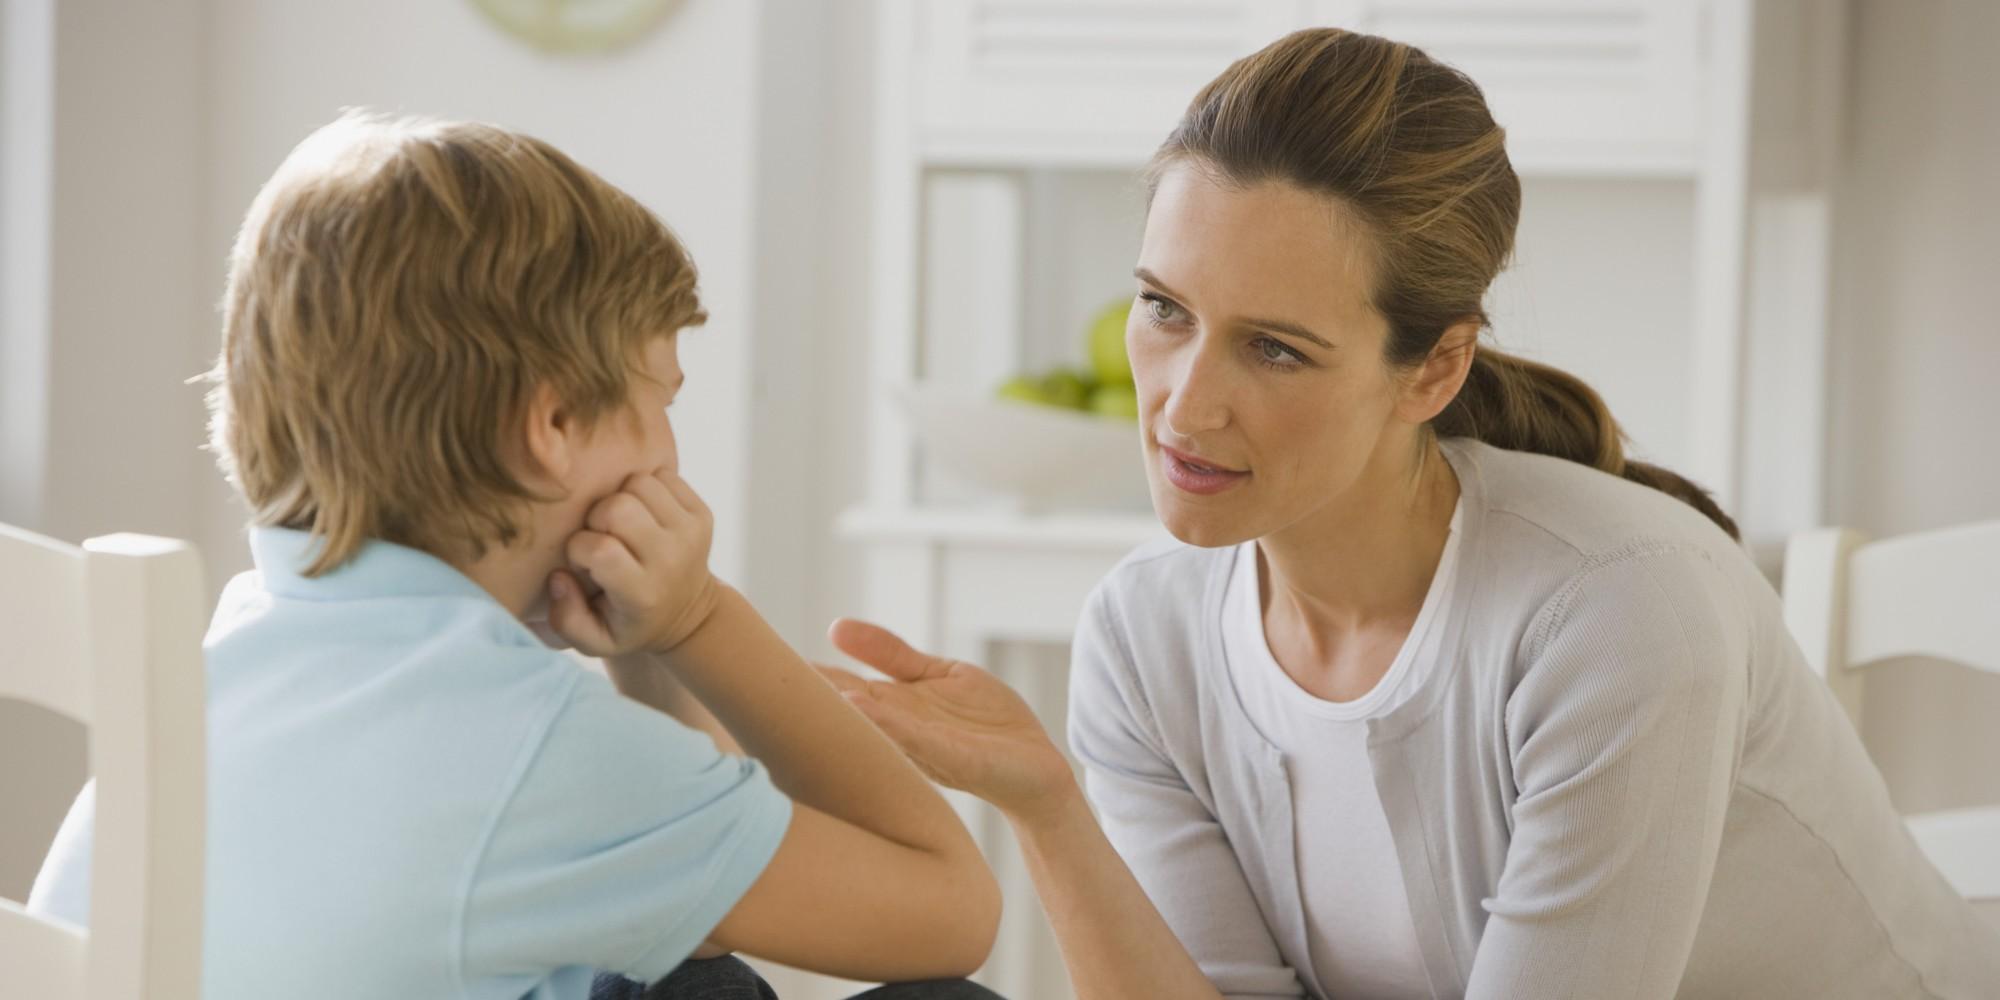 شش روش مؤثر ، برای آموزش نظم و انضباط به کودکان